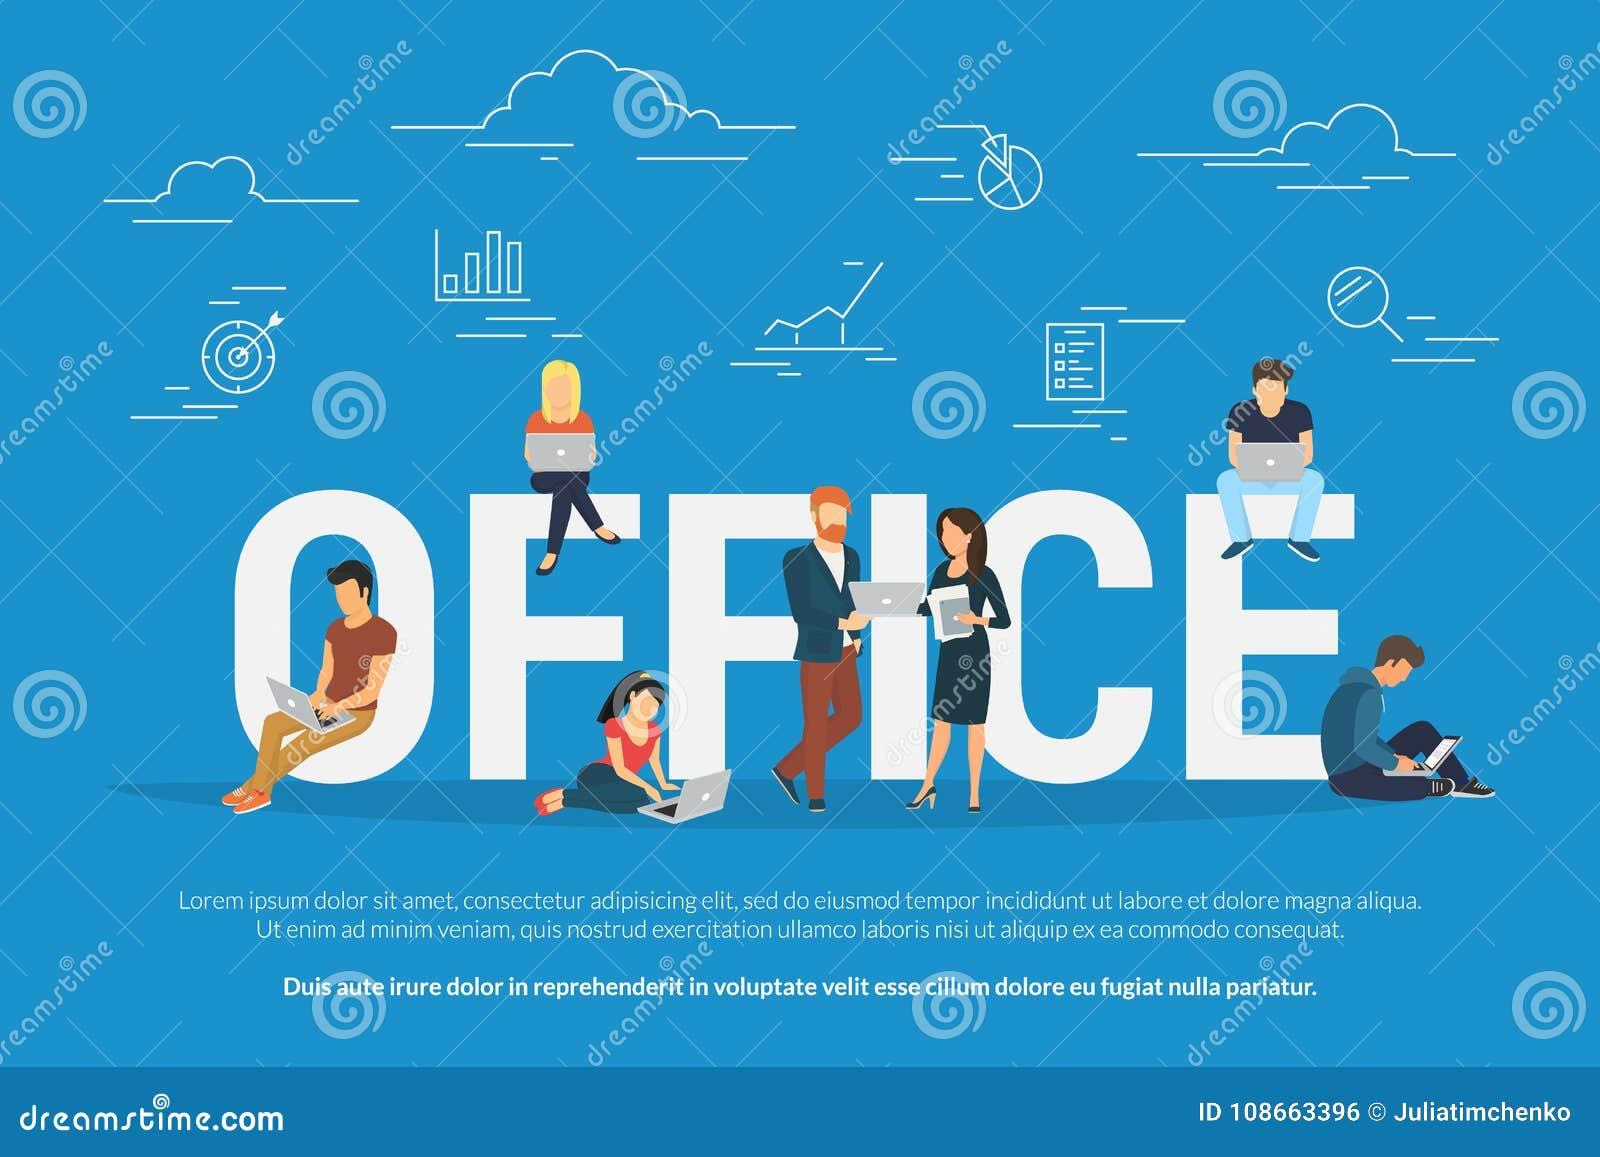 Bureaugroepswerk en doelstellingen vectorillustratie van mensen die samenwerken